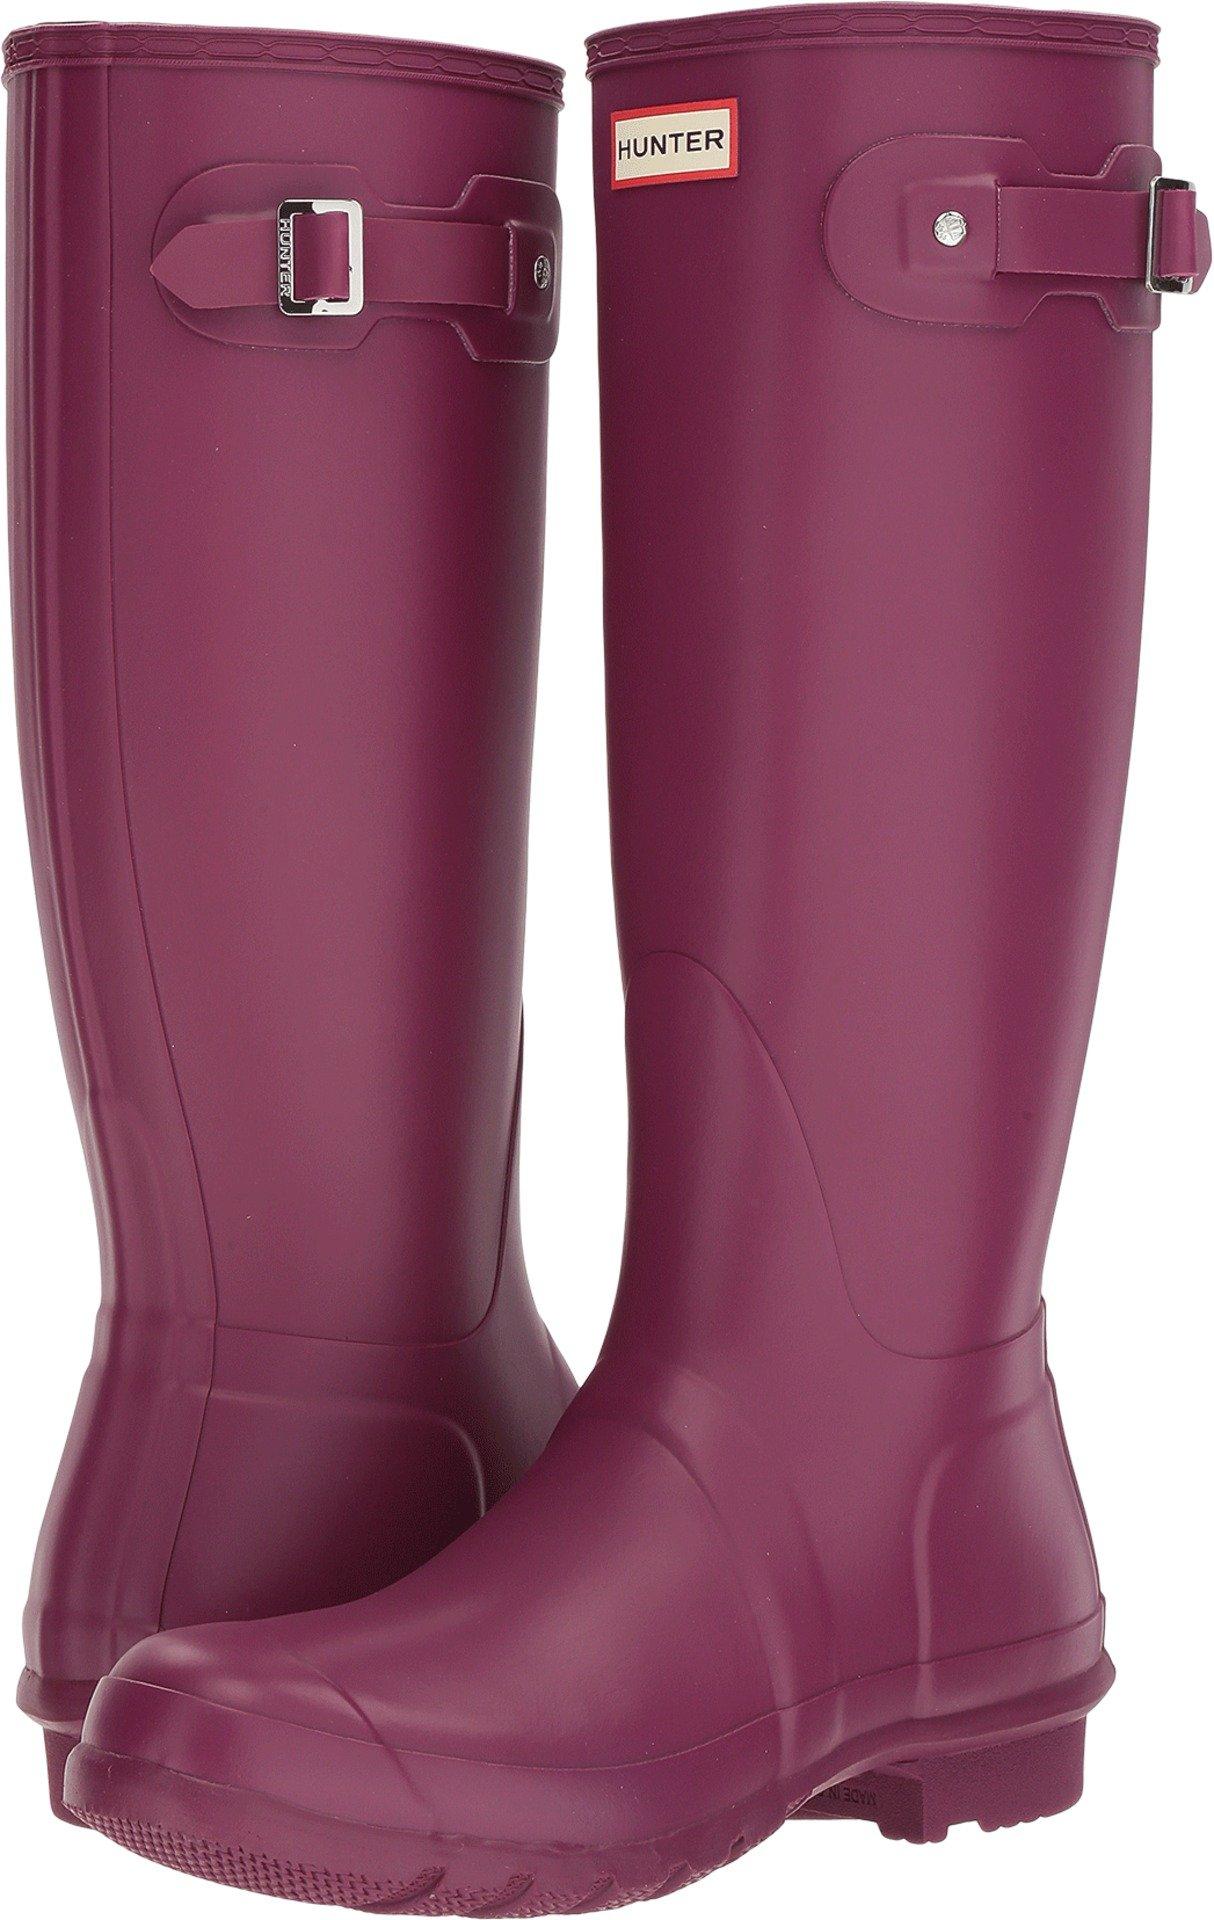 Hunter Women's Original Tall Violet Rain Boots - 9 B(M) US